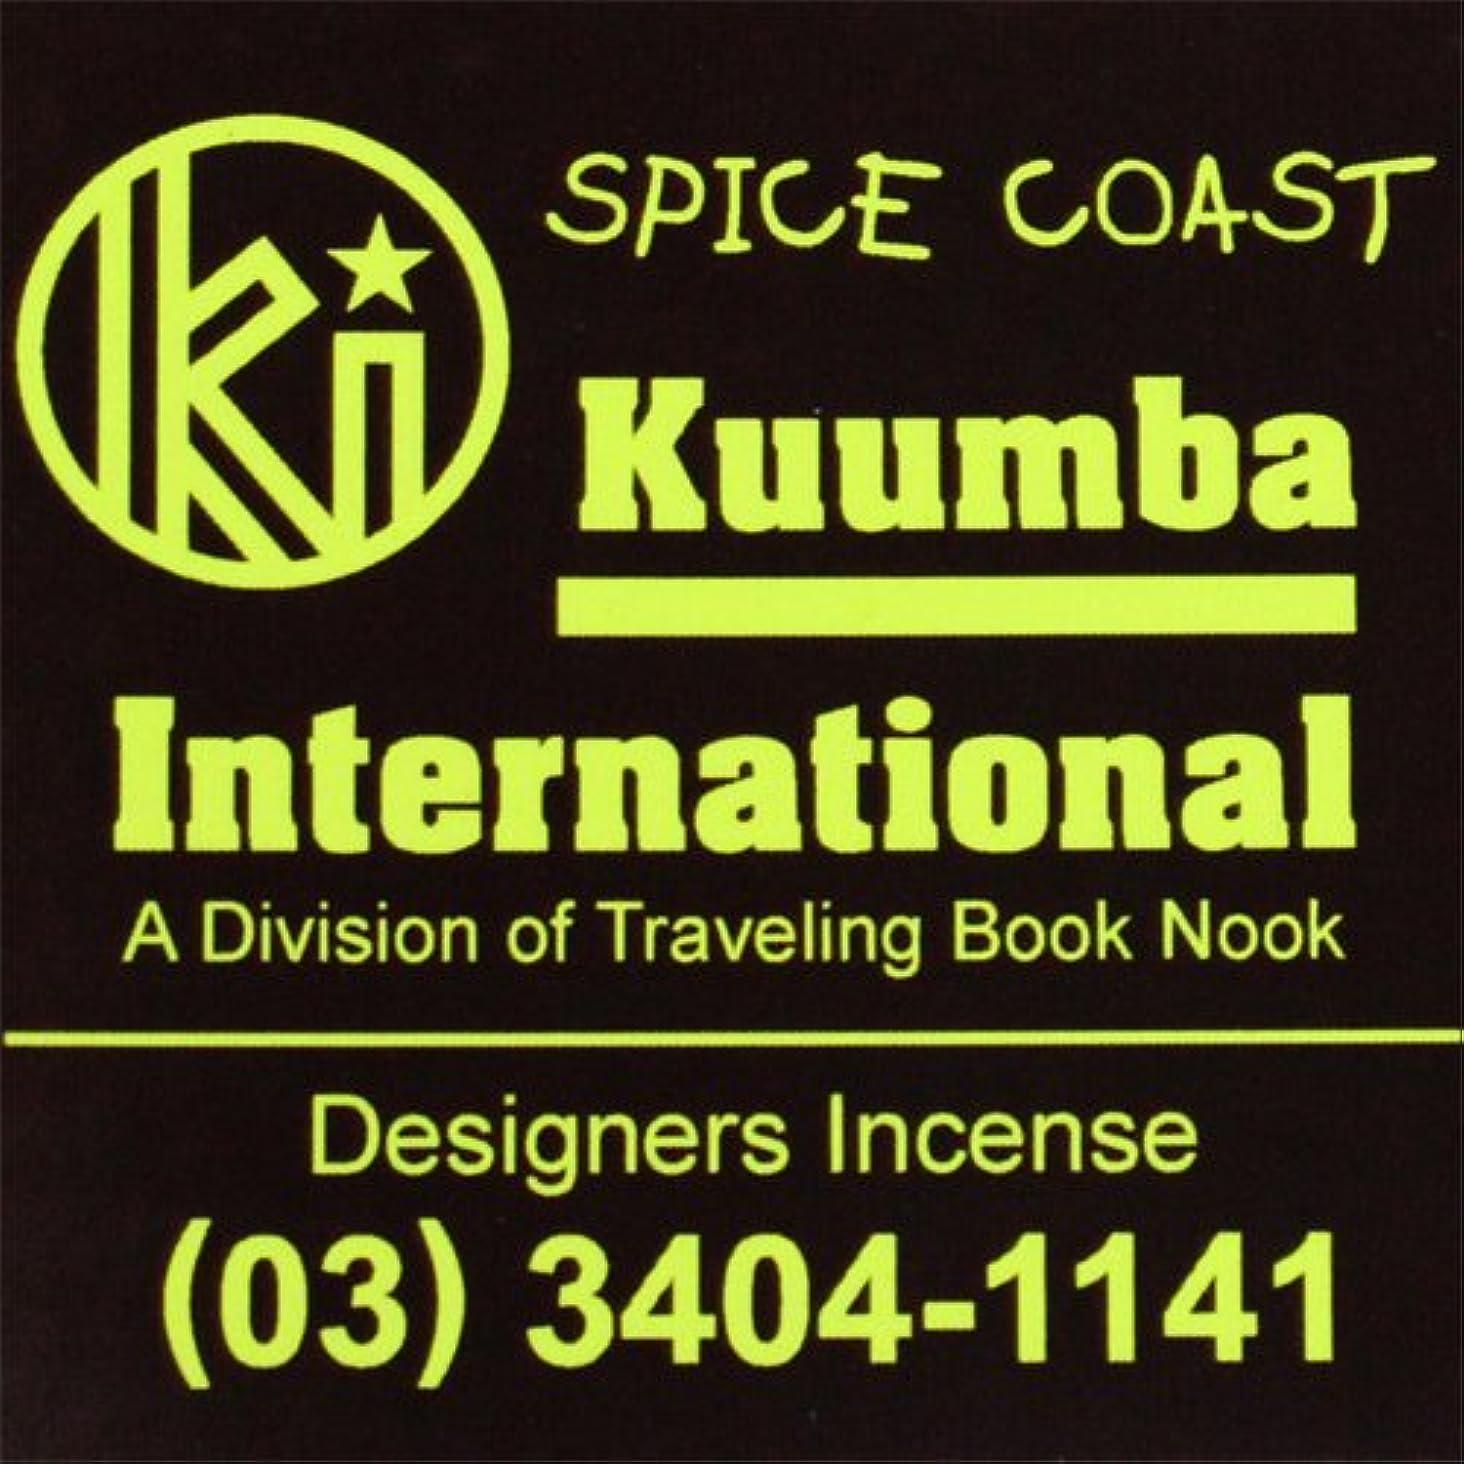 焦げシャッフル地獄KUUMBA / クンバ『incense』(SPICE COAST) (Regular size)